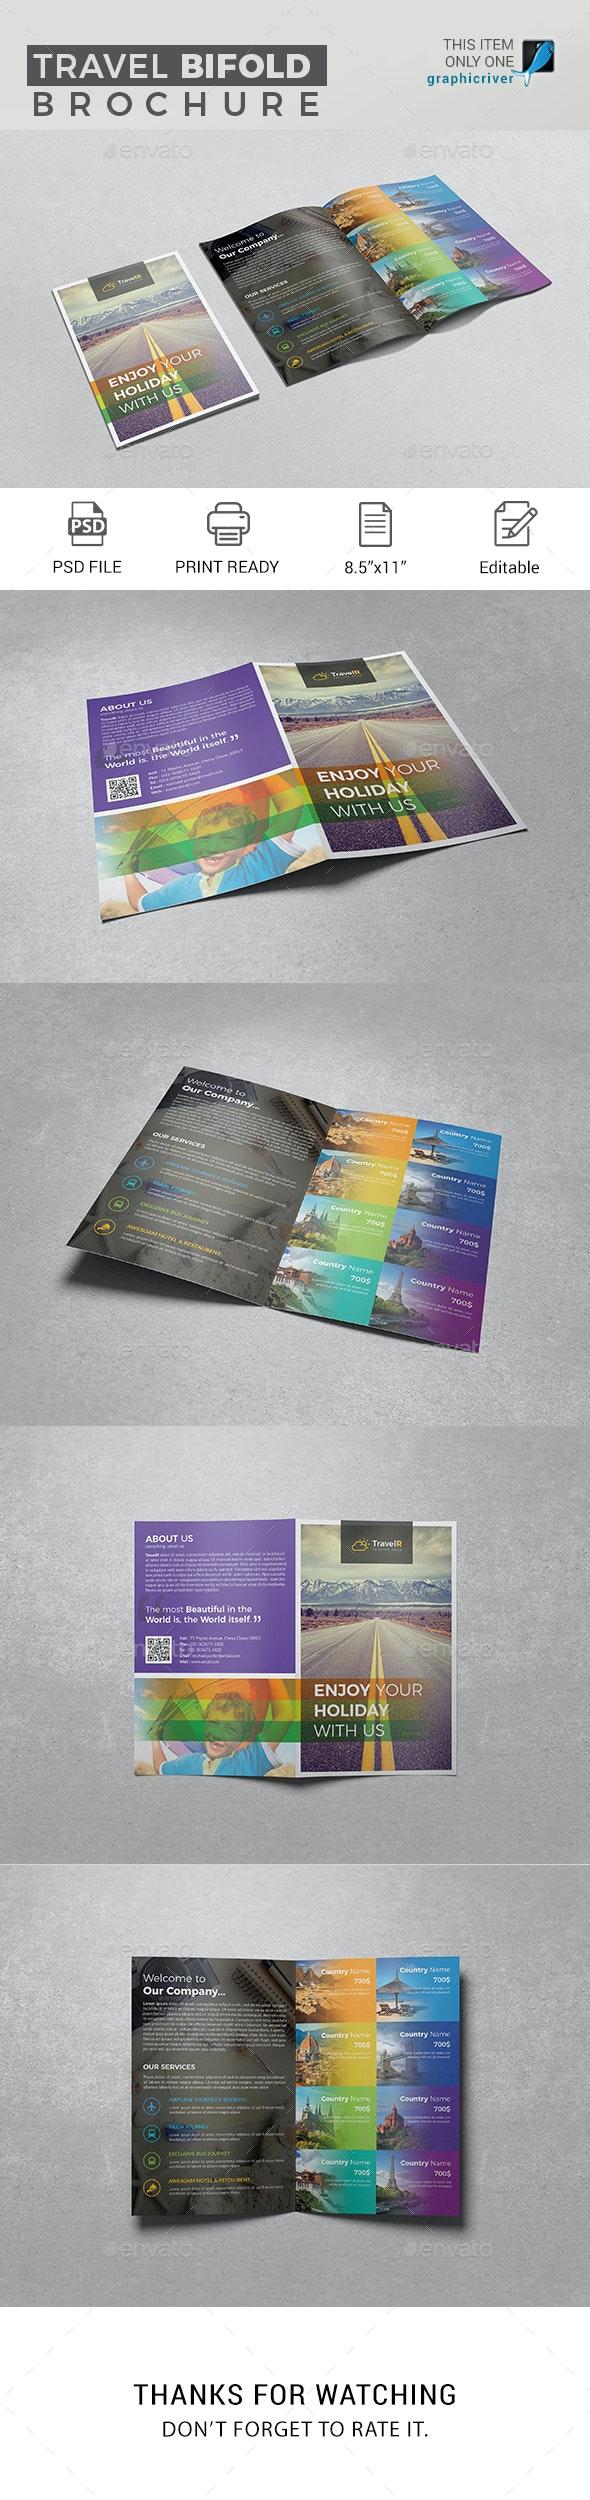 Travel Bifold Brochure - Corporate Brochures